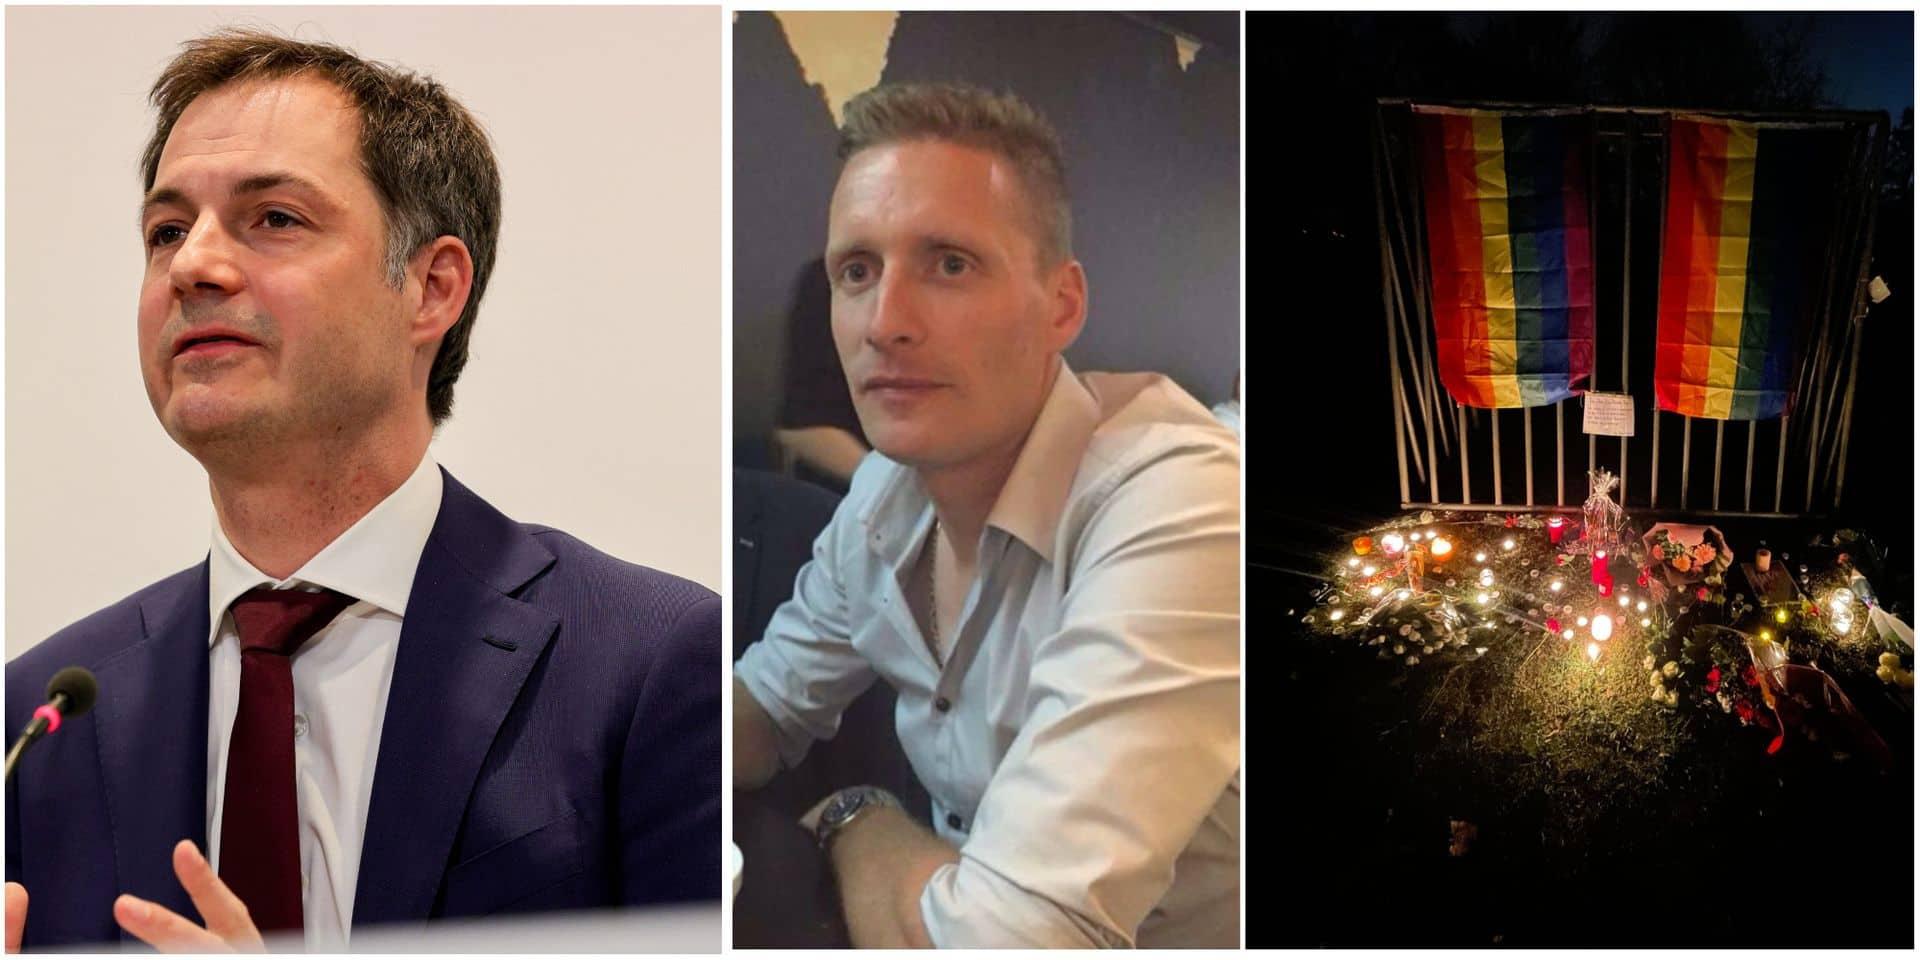 """""""Chacun dans notre pays est unique et peut aimer qui il veut"""": Alexander De Croo appelle à combattre l'intolérance depuis Beveren"""